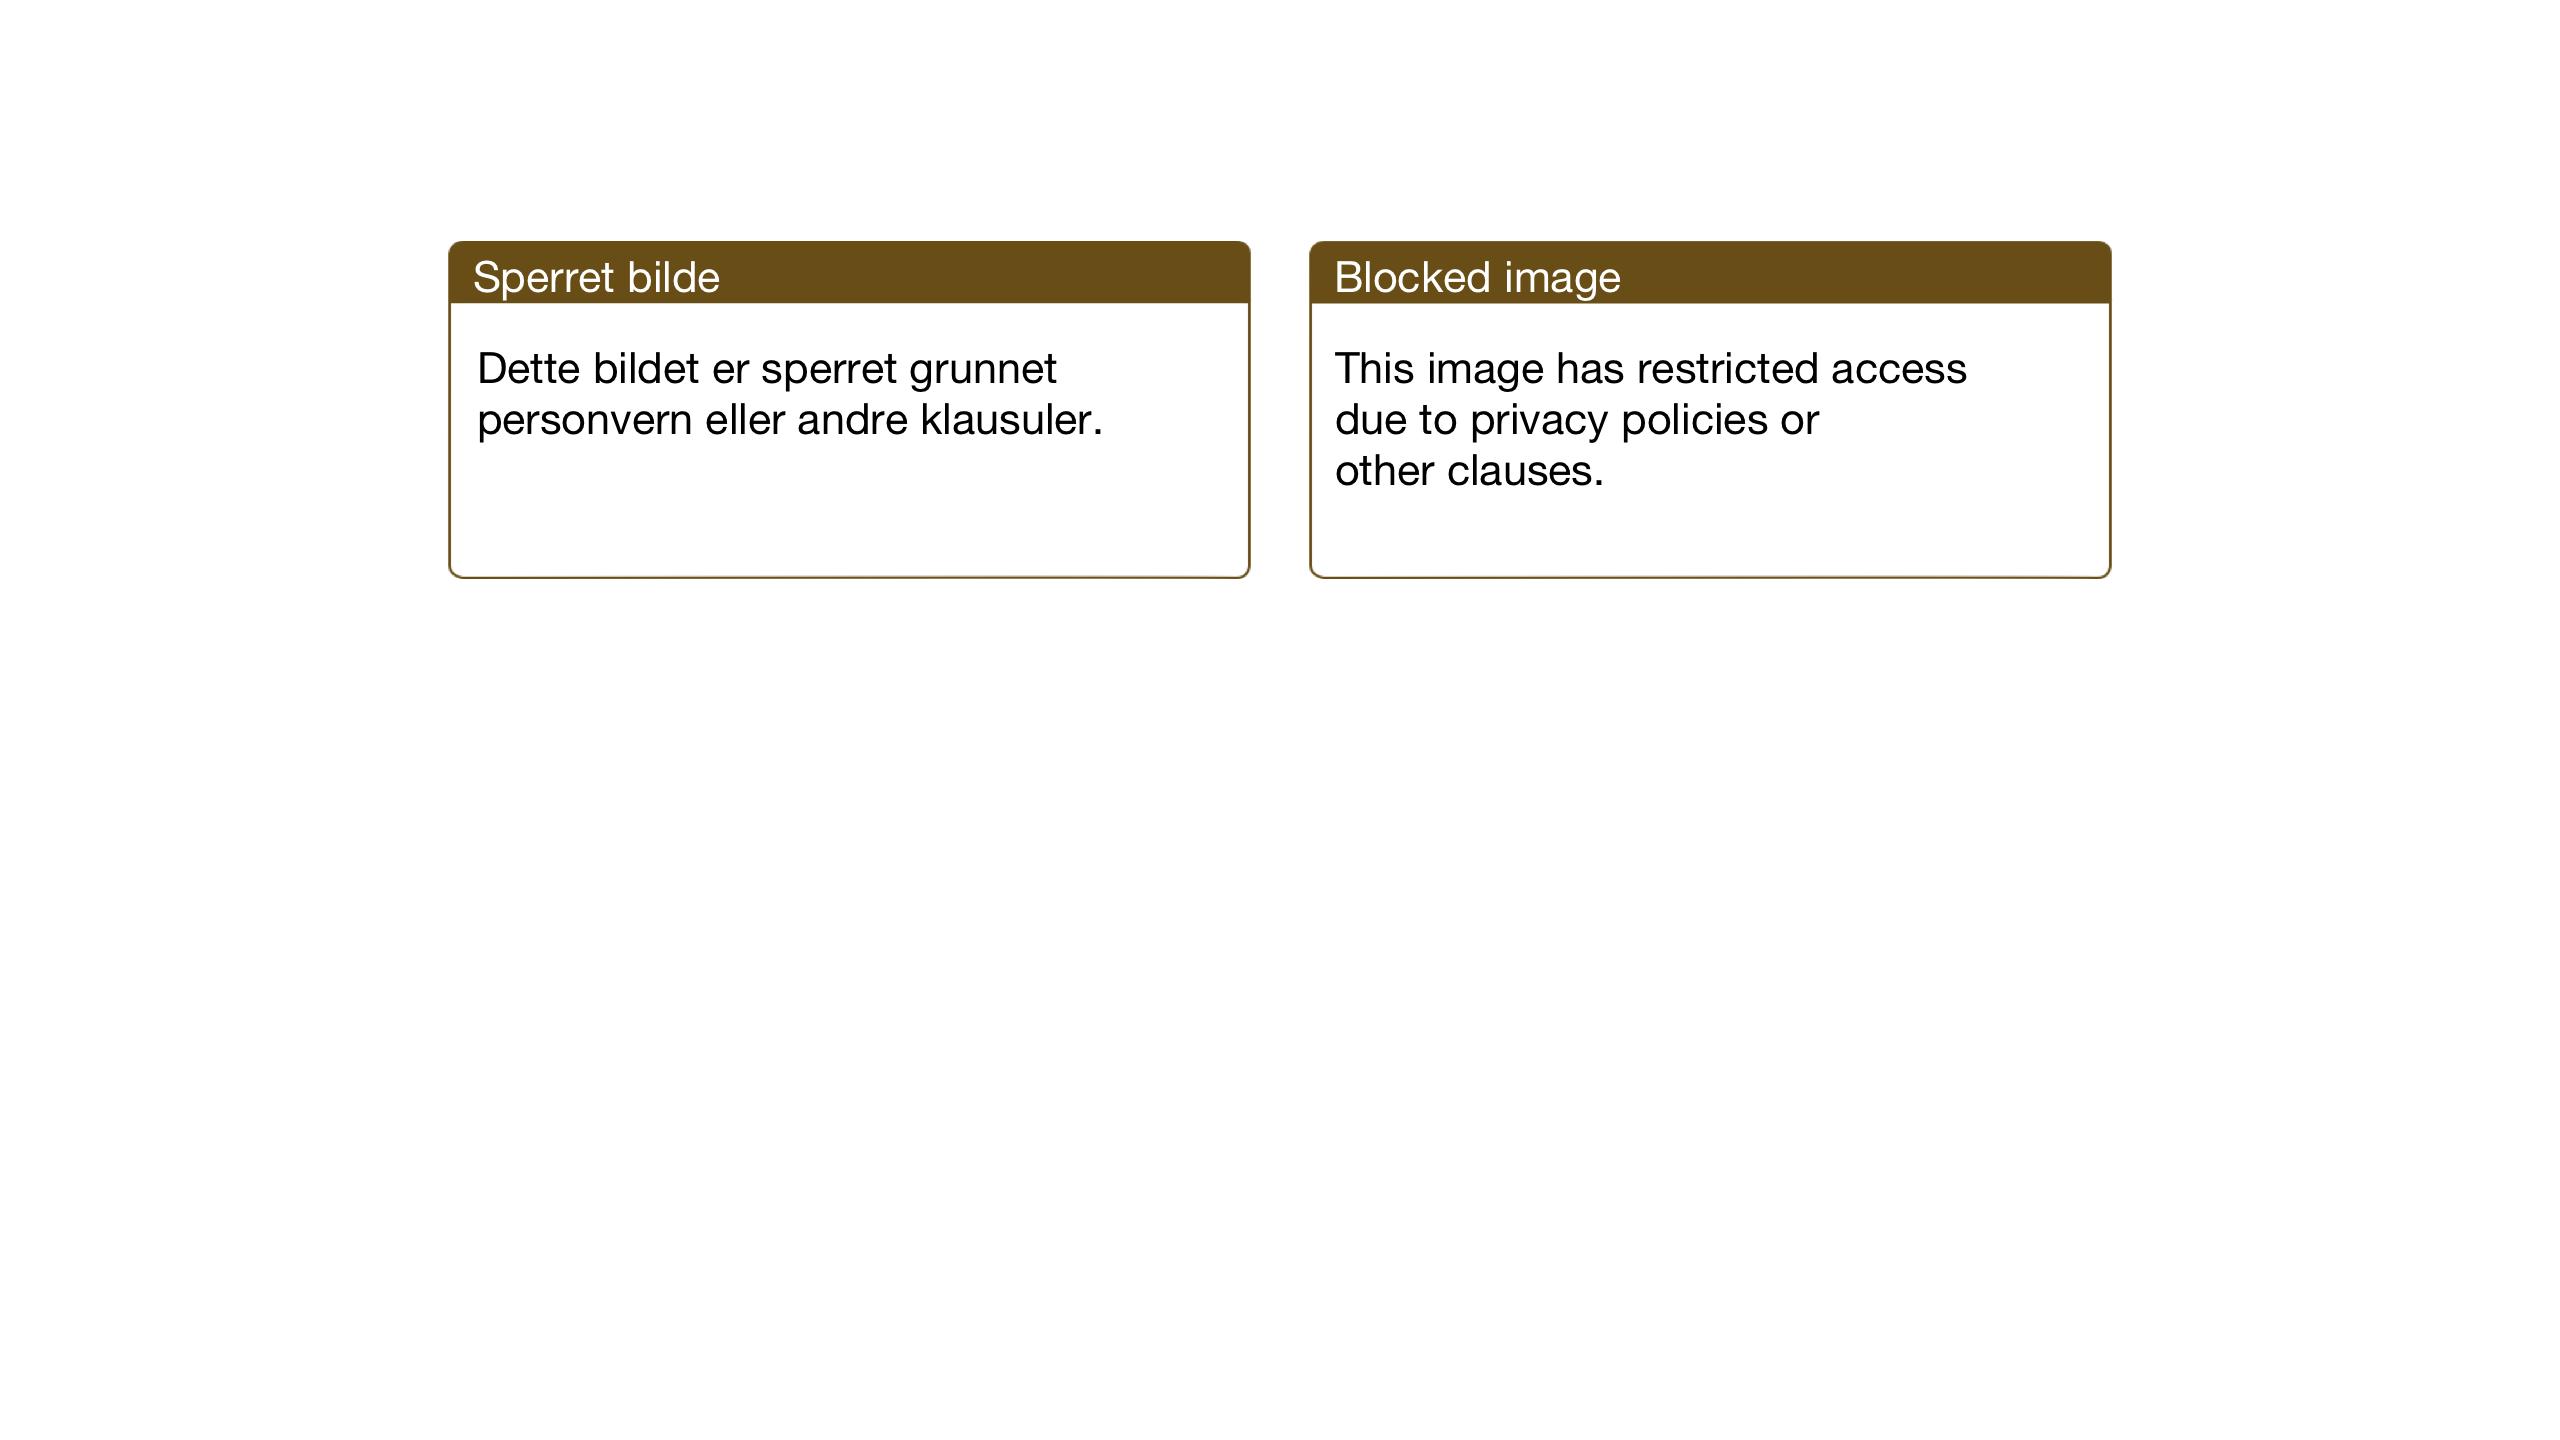 SAT, Ministerialprotokoller, klokkerbøker og fødselsregistre - Sør-Trøndelag, 640/L0590: Klokkerbok nr. 640C07, 1935-1948, s. 9